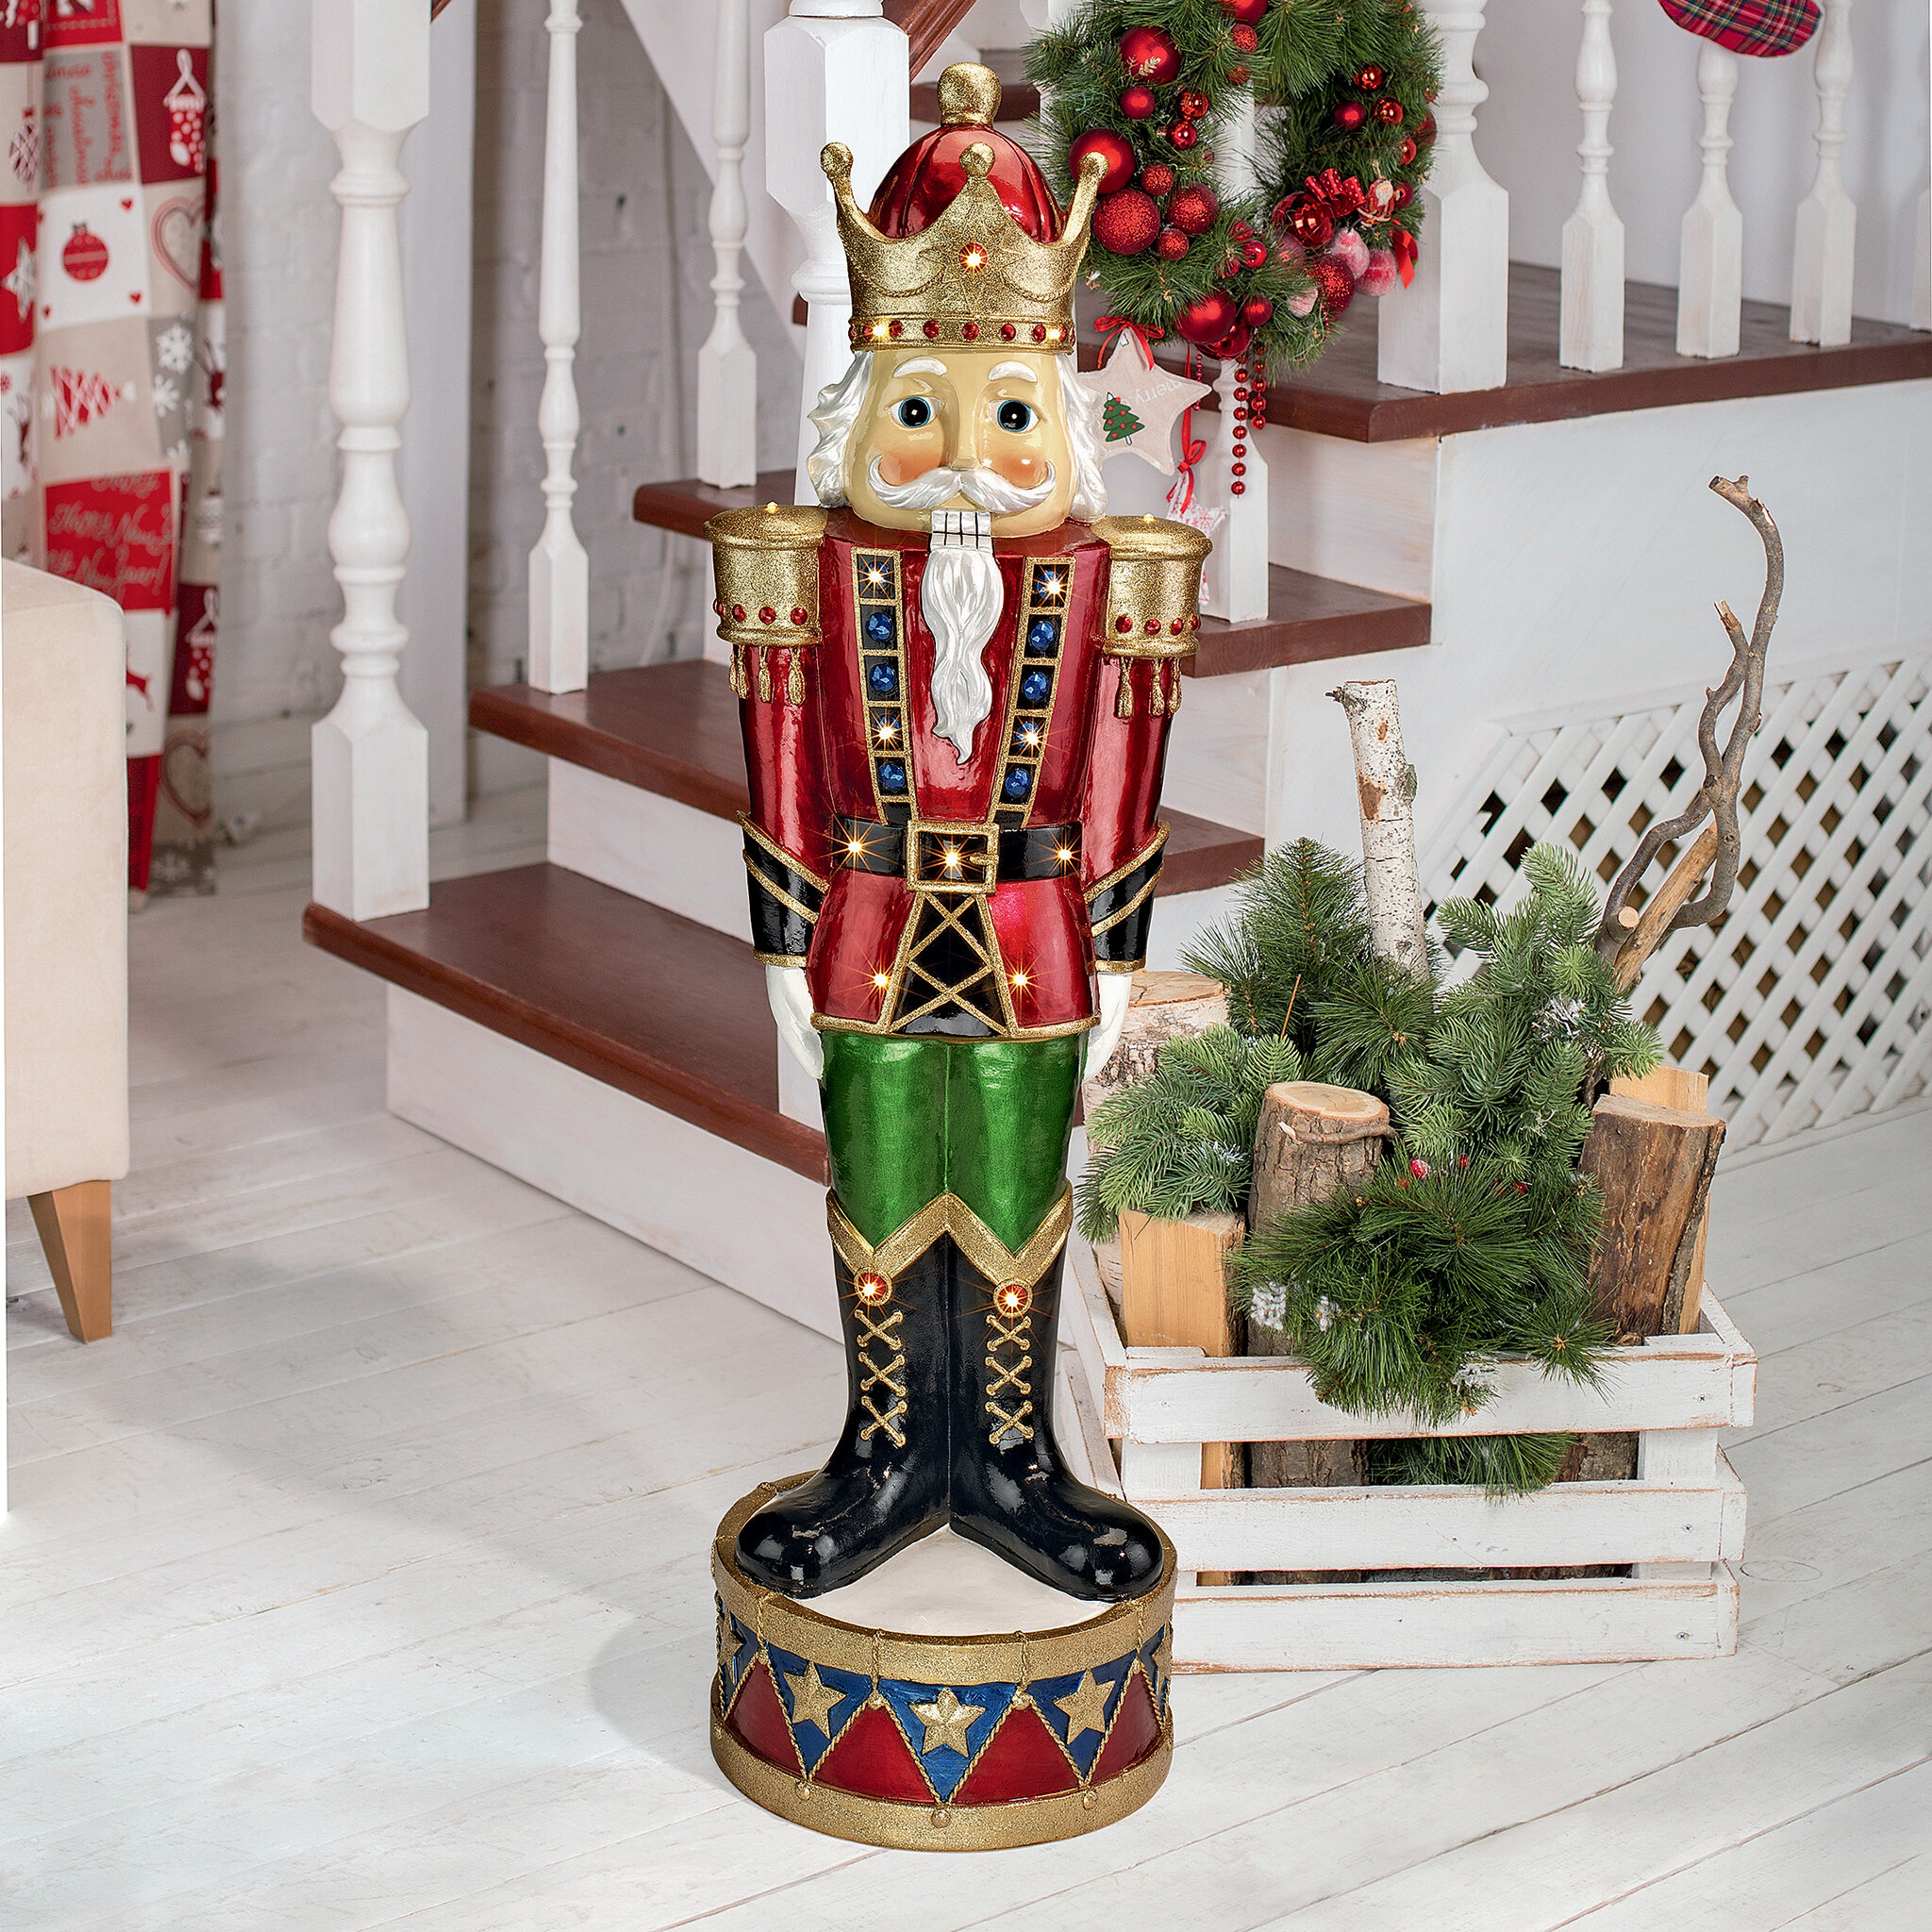 Christmas Statue Decorations: Design Toscano Illuminated Nutcracker Figurine & Reviews